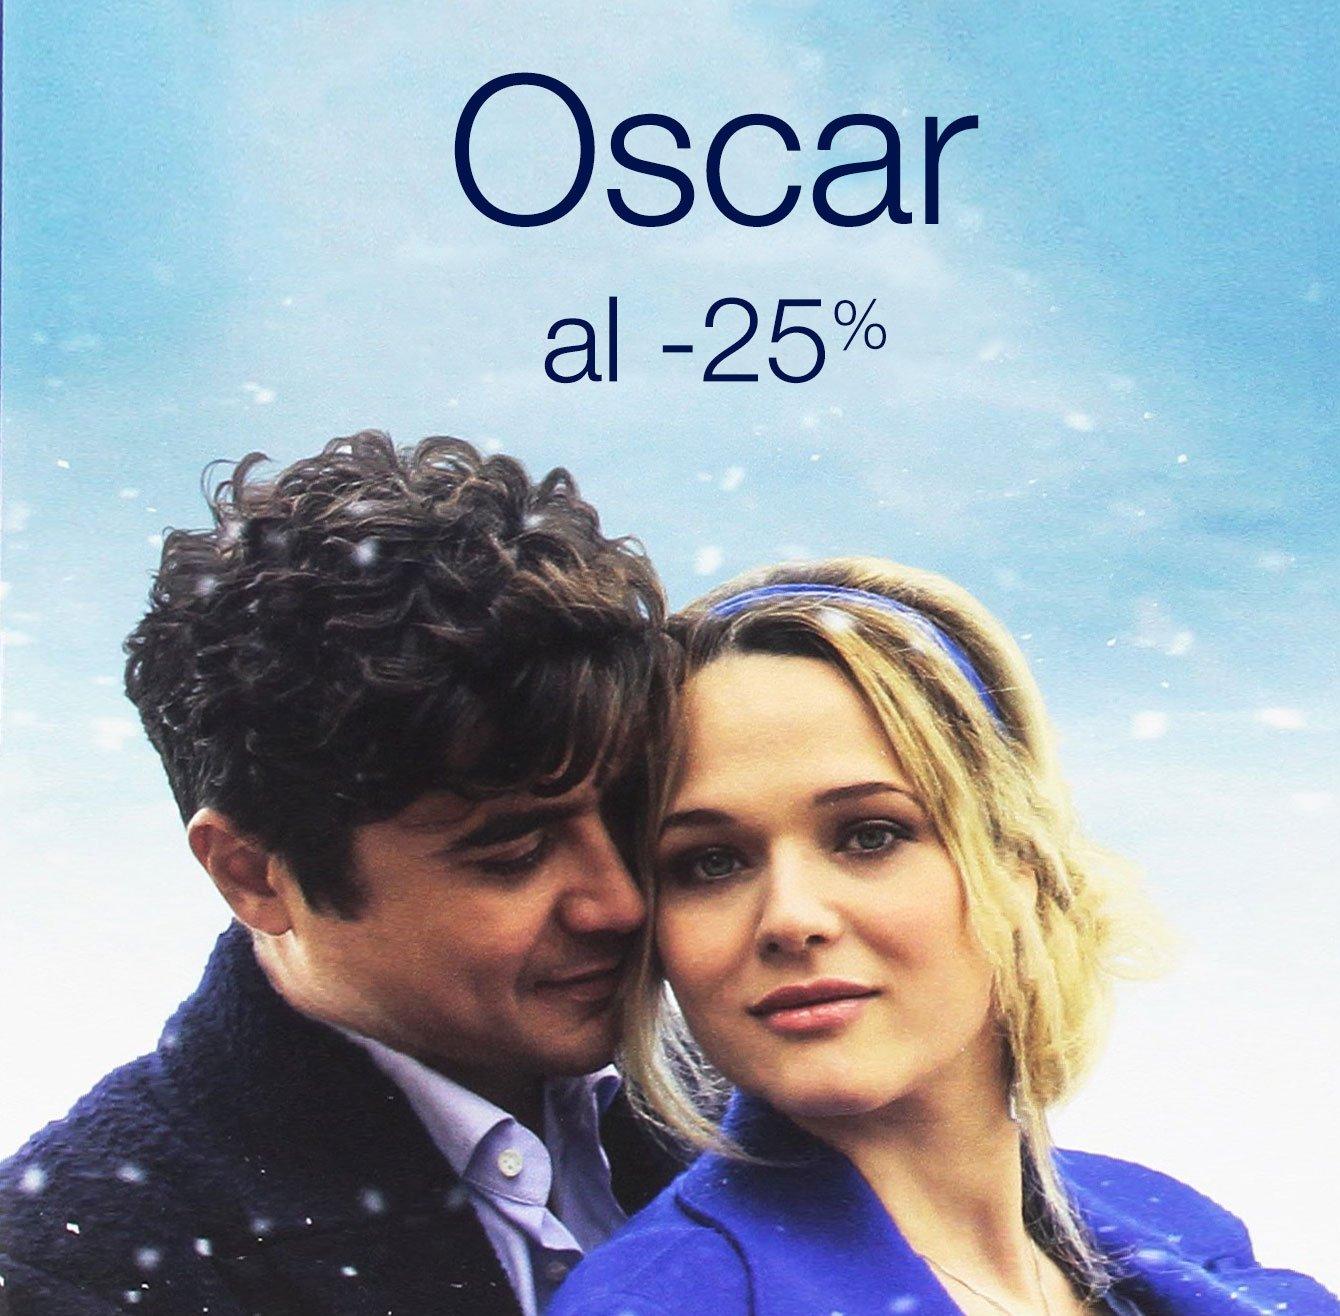 Oscar al -25%